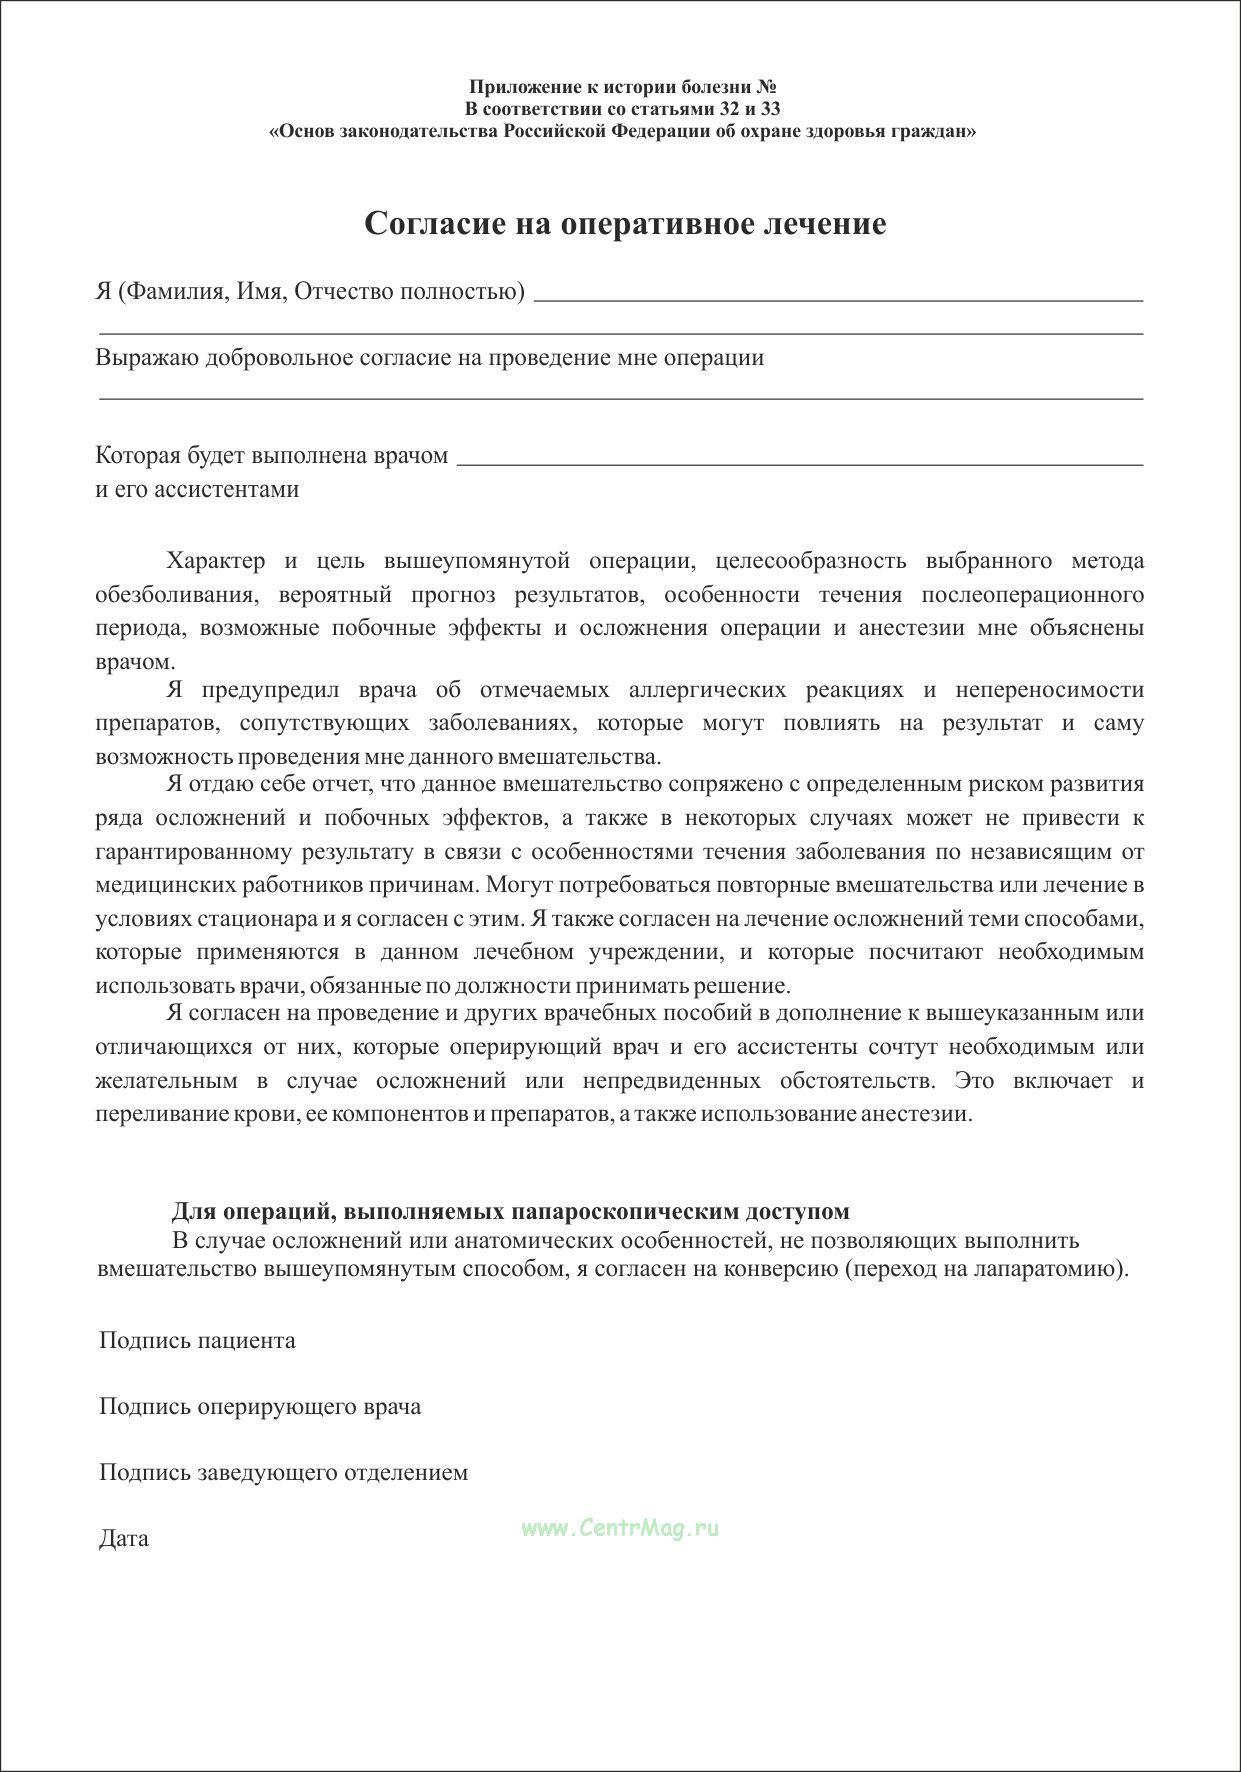 приказ о присвоении клейма сварщику образец